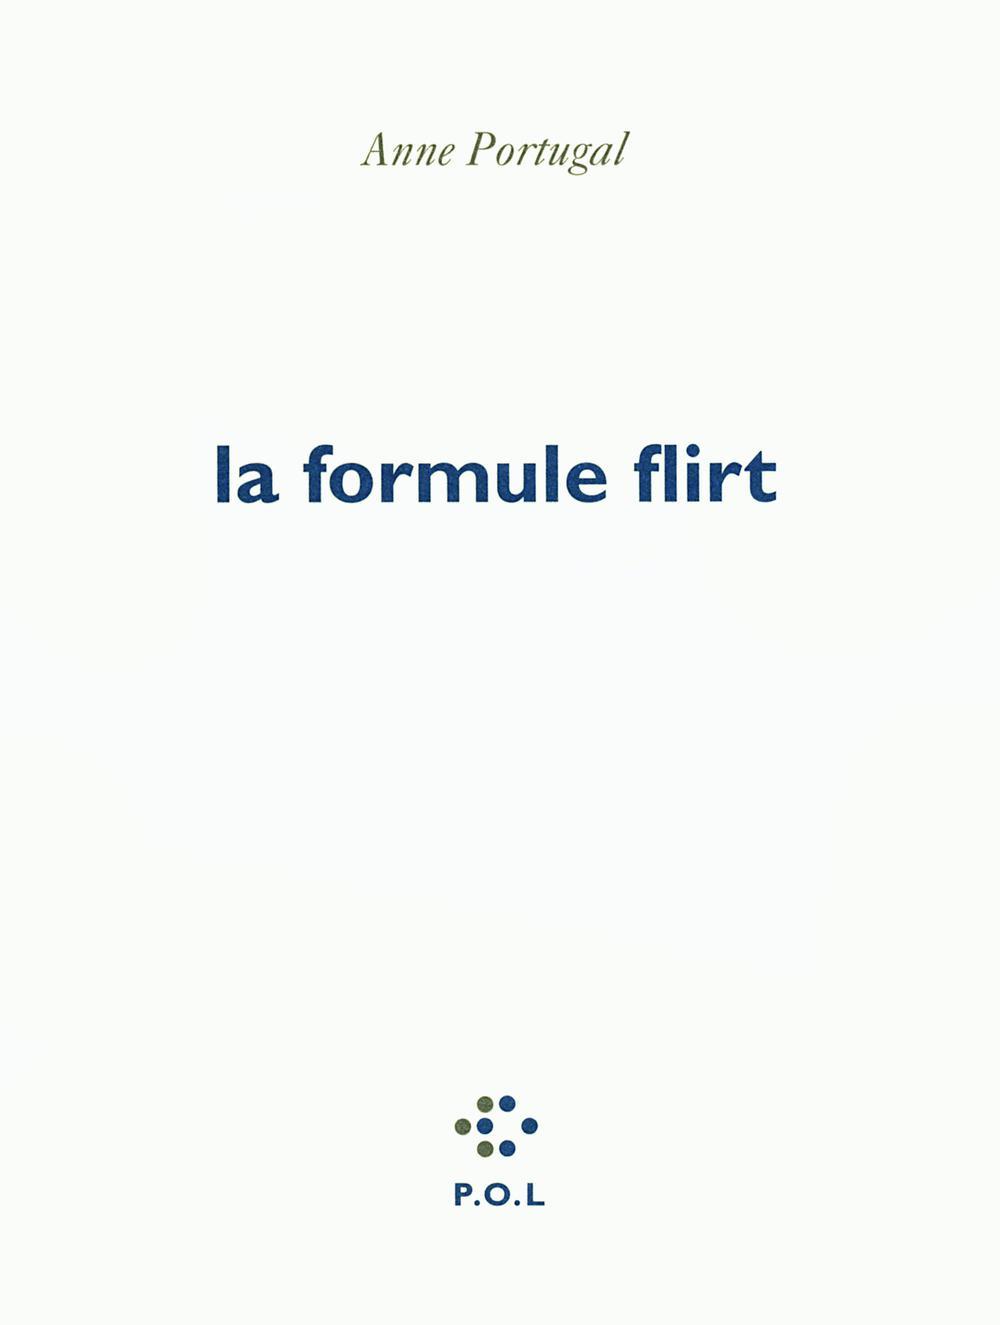 La formule flirt